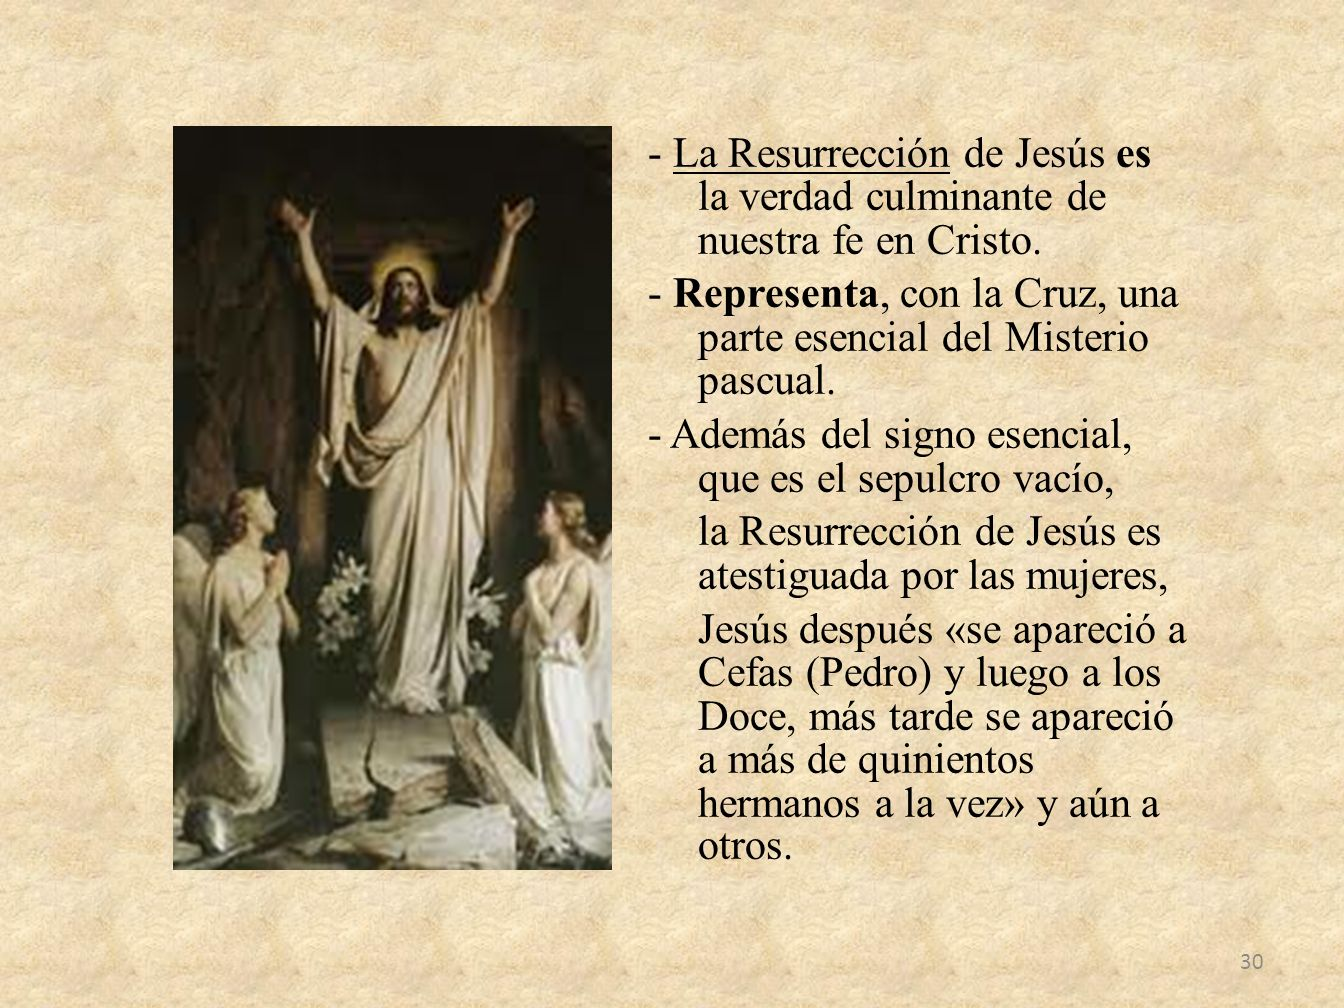 - La Resurrección de Jesús es la verdad culminante de nuestra fe en Cristo. - Representa, con la Cruz, una parte esencial del Misterio pascual. - Adem